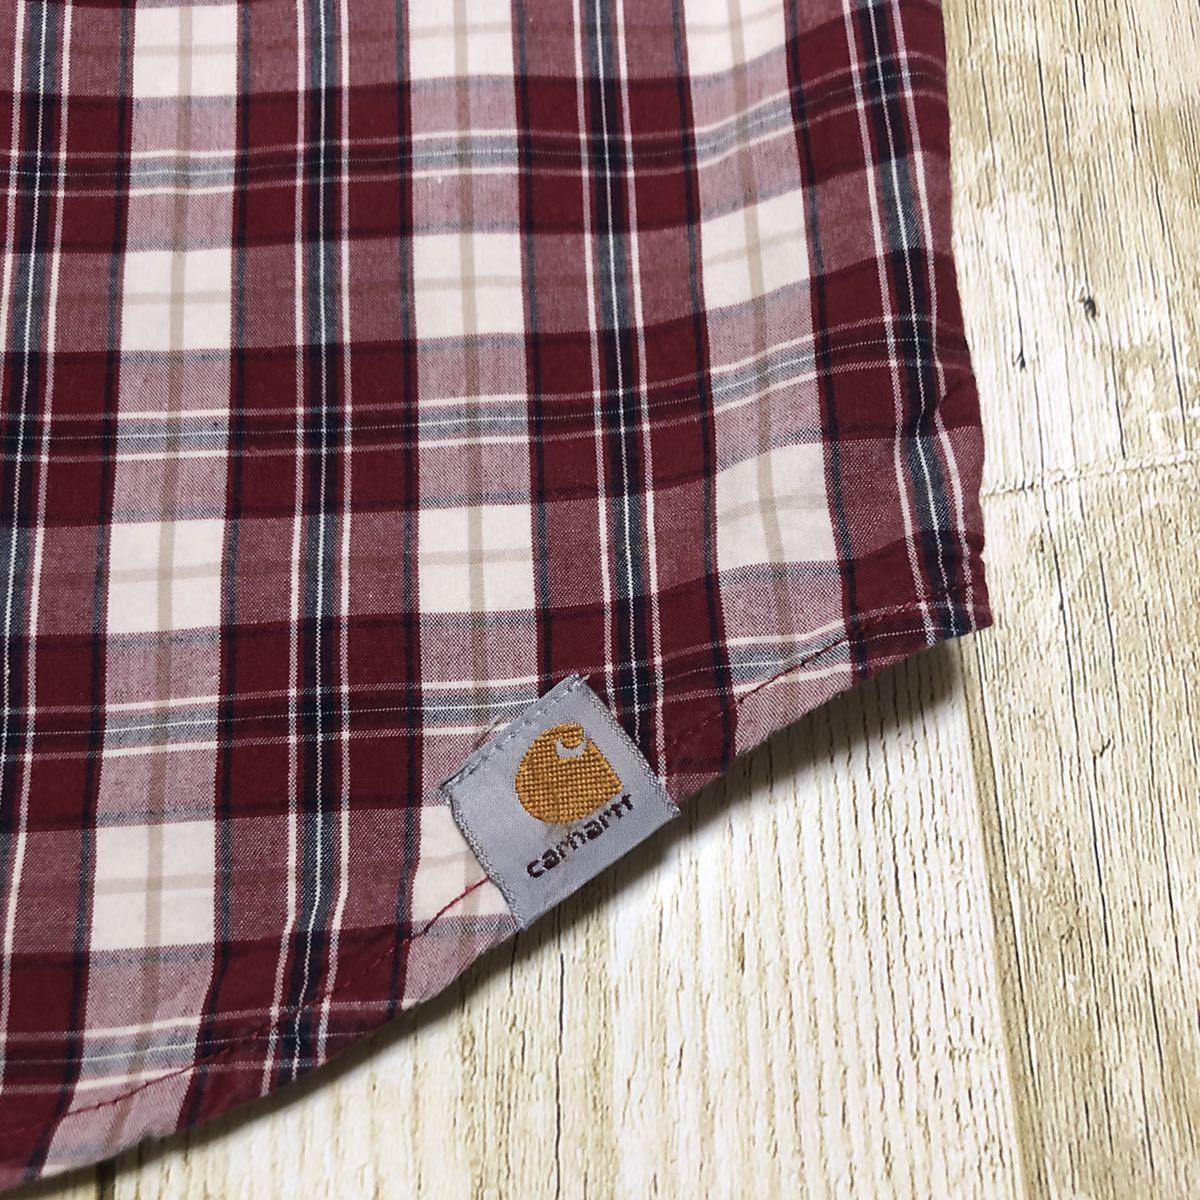 カーハート 刺繍ロゴ ロゴタグ ビッグシルエット チェック BDシャツ ボタンダウンシャツ チェックシャツ 半袖シャツ 2XL 古着